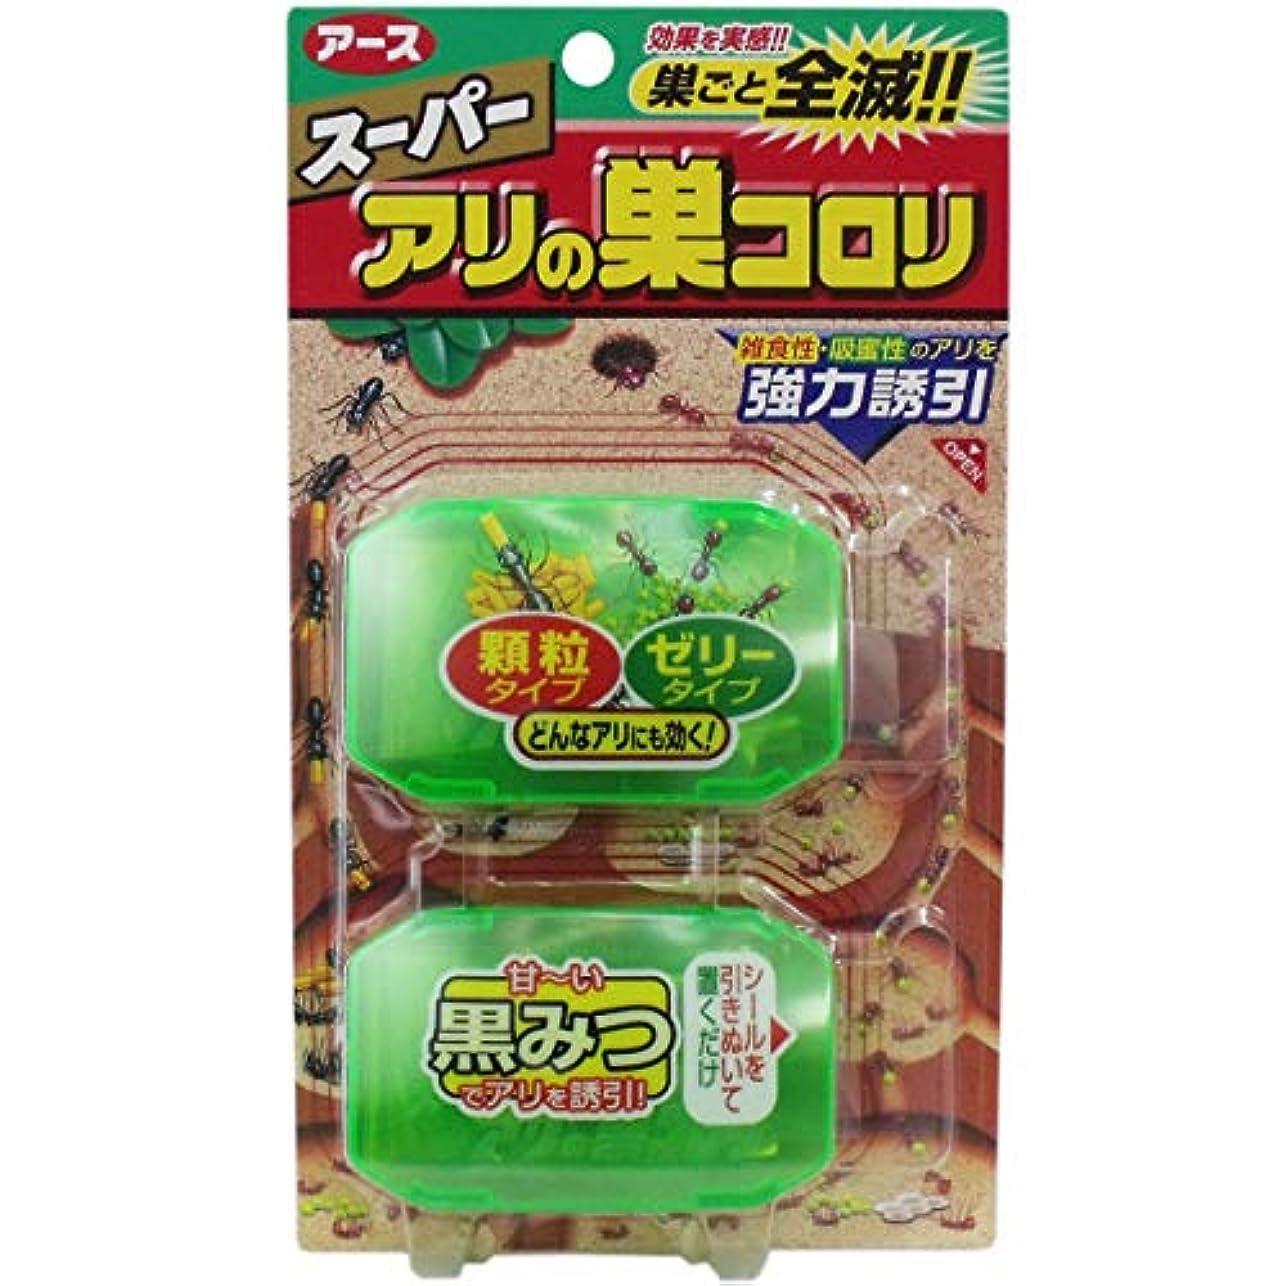 テープ雨トラフアース スーパーアリの巣コロリ  効果を実感!!巣ごと全滅!!  2セット入